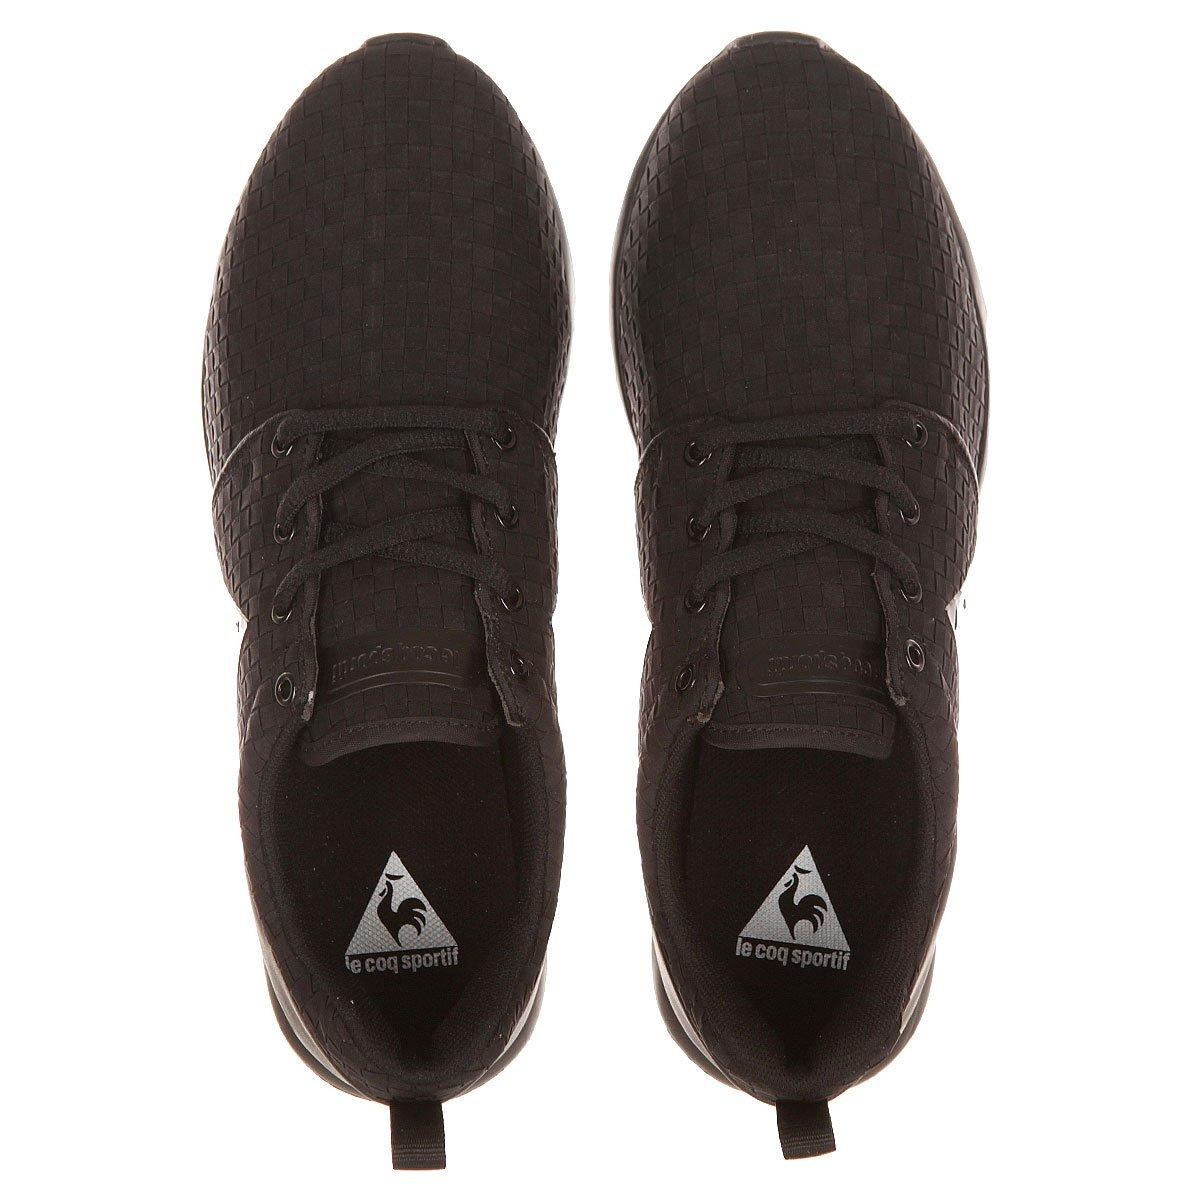 Le coq sportif кроссовки купить